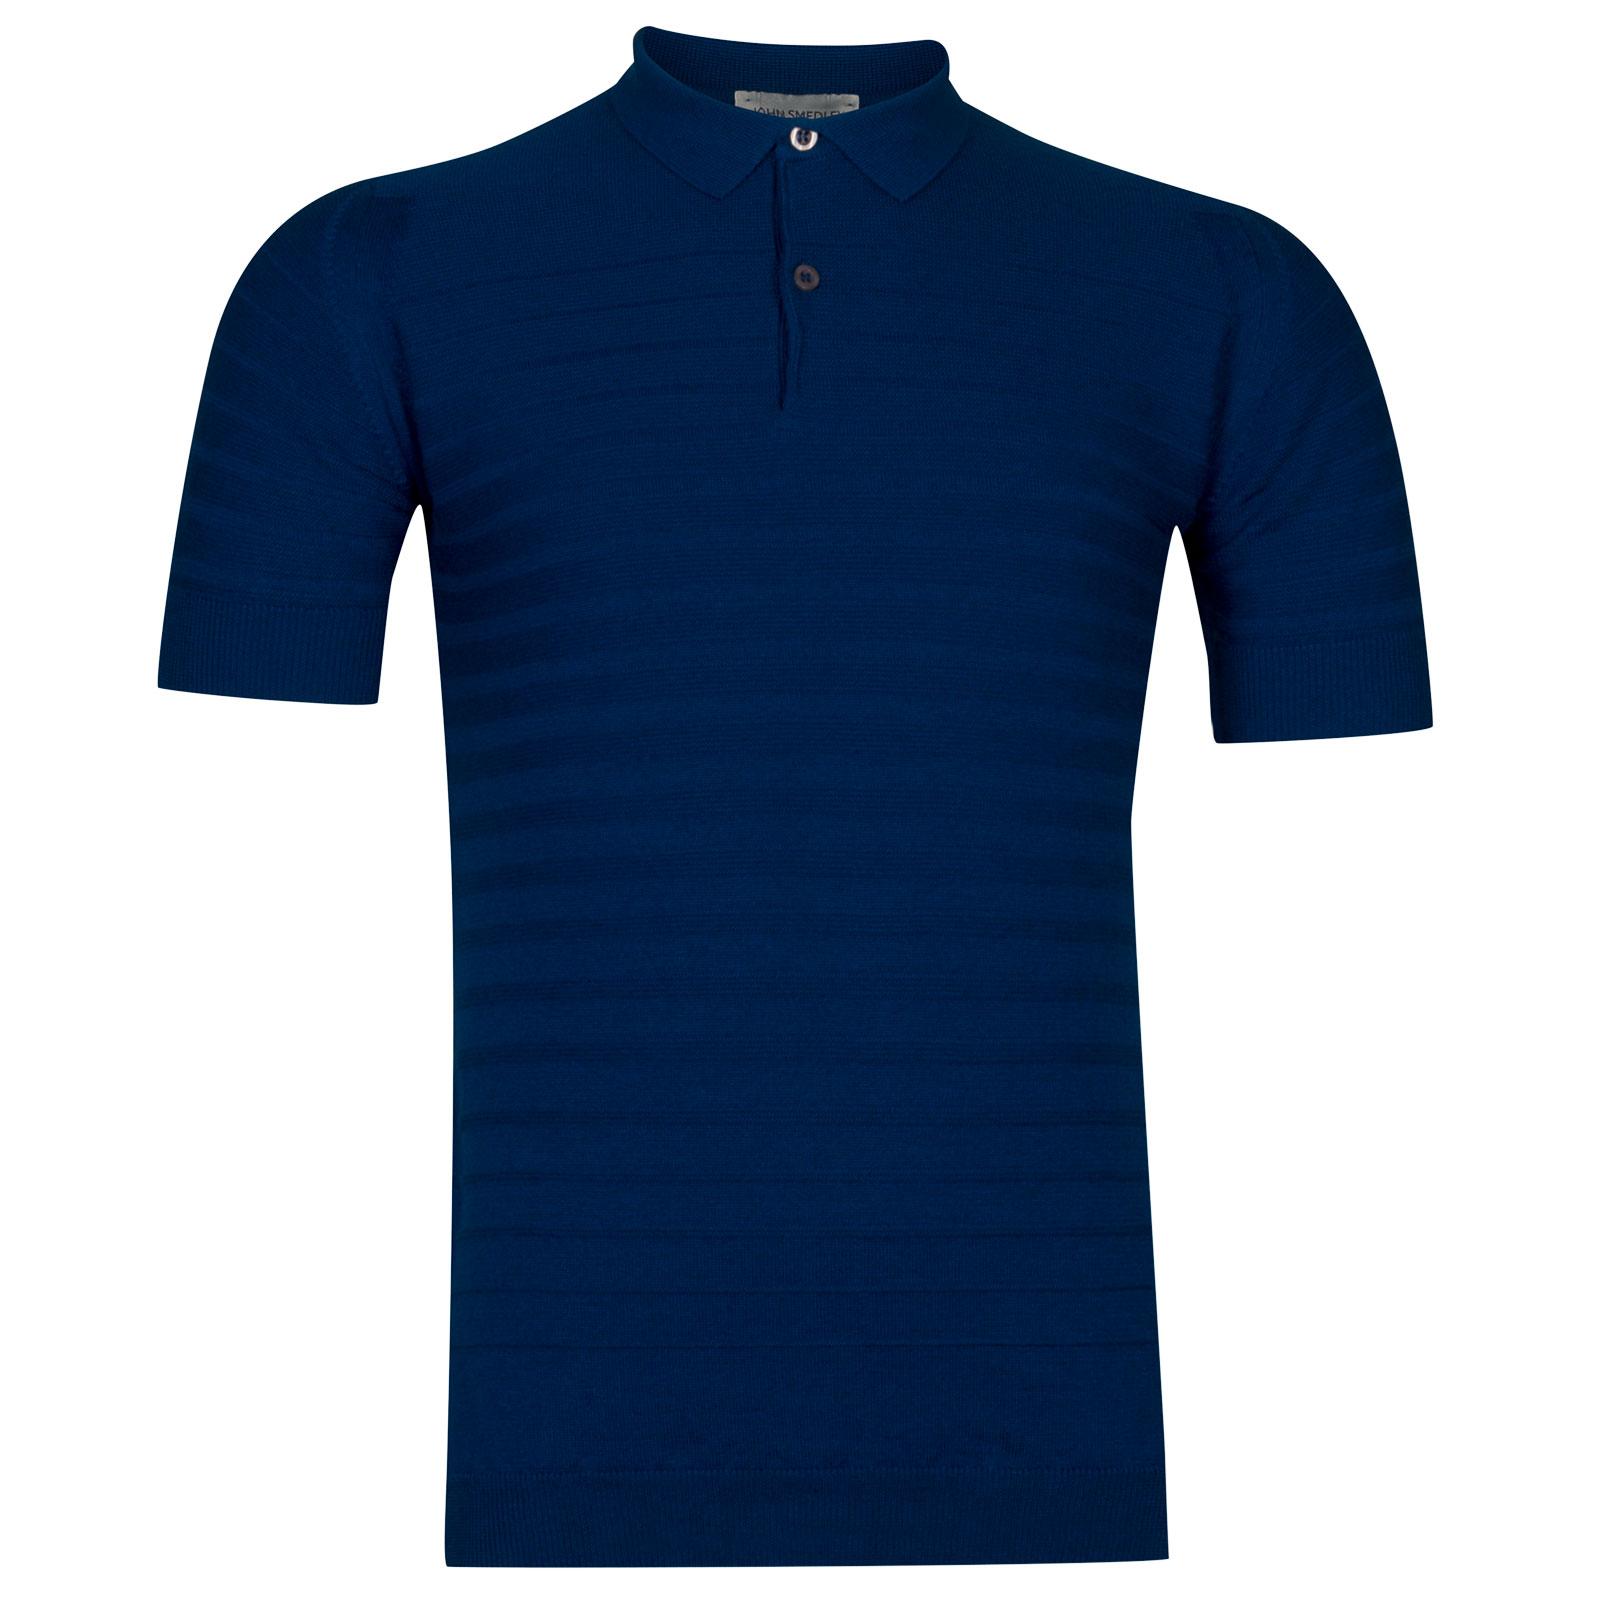 John Smedley Zuber Cotton Shirt in Stevens Blue -Xl